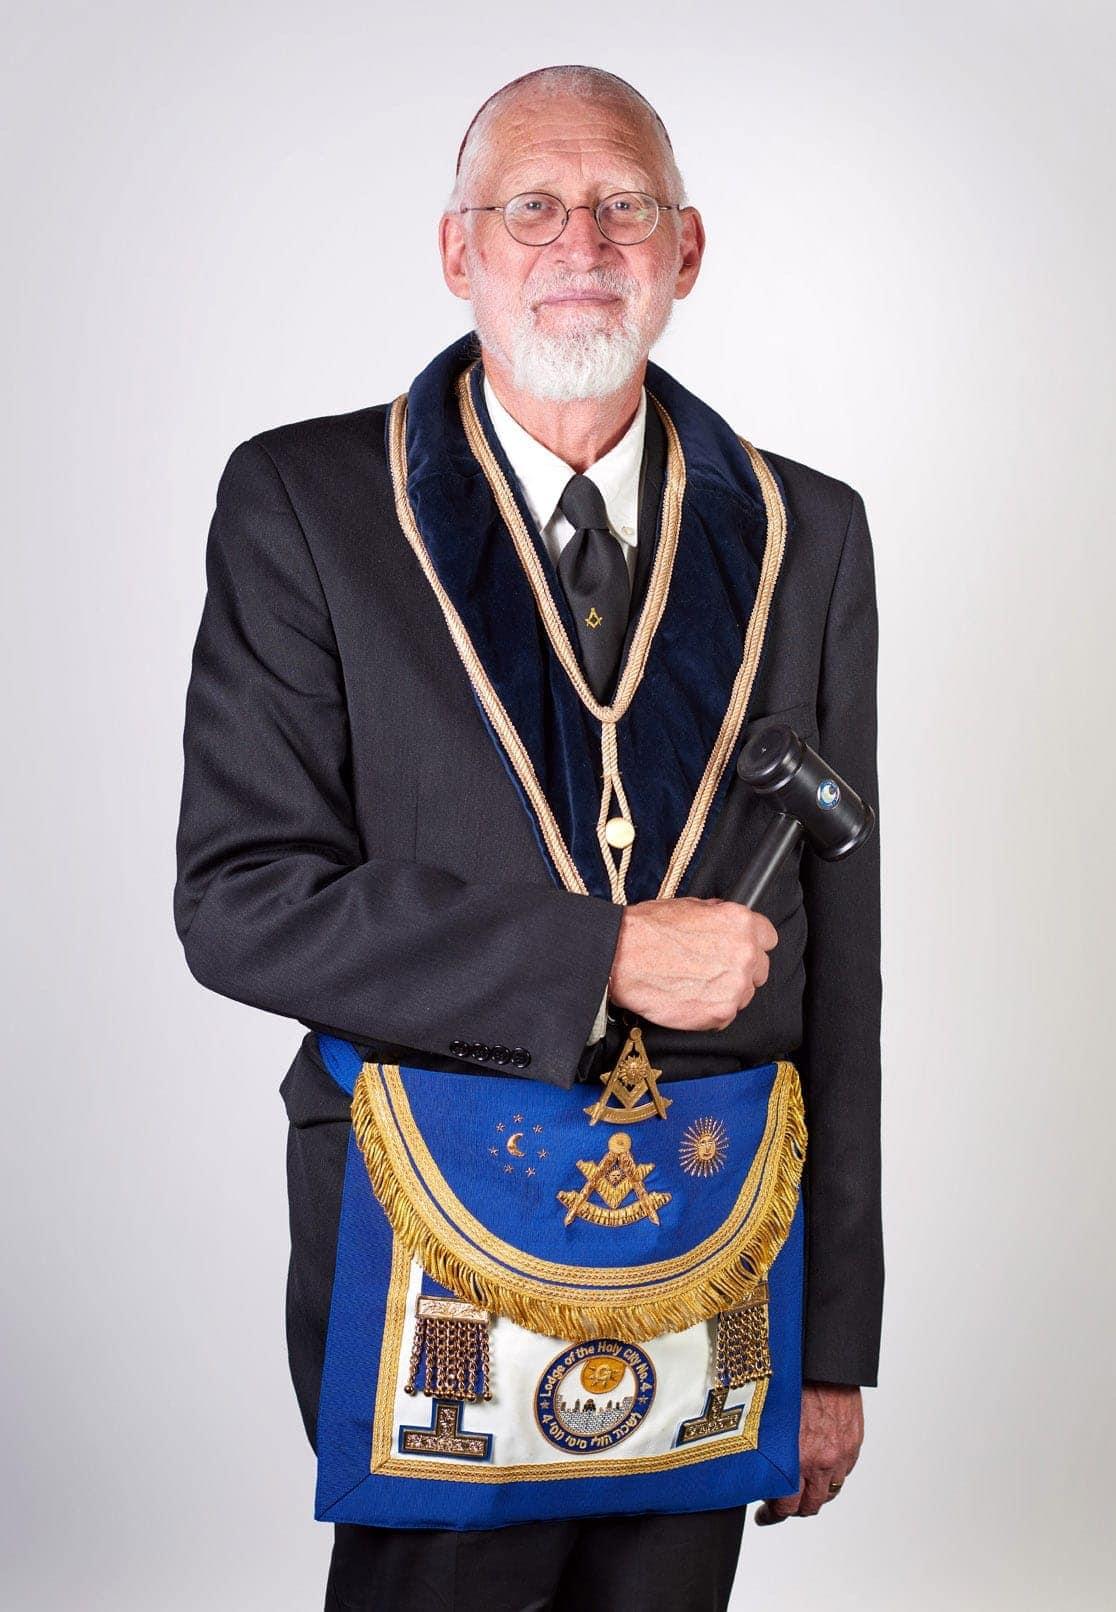 Yehudah Miklaf